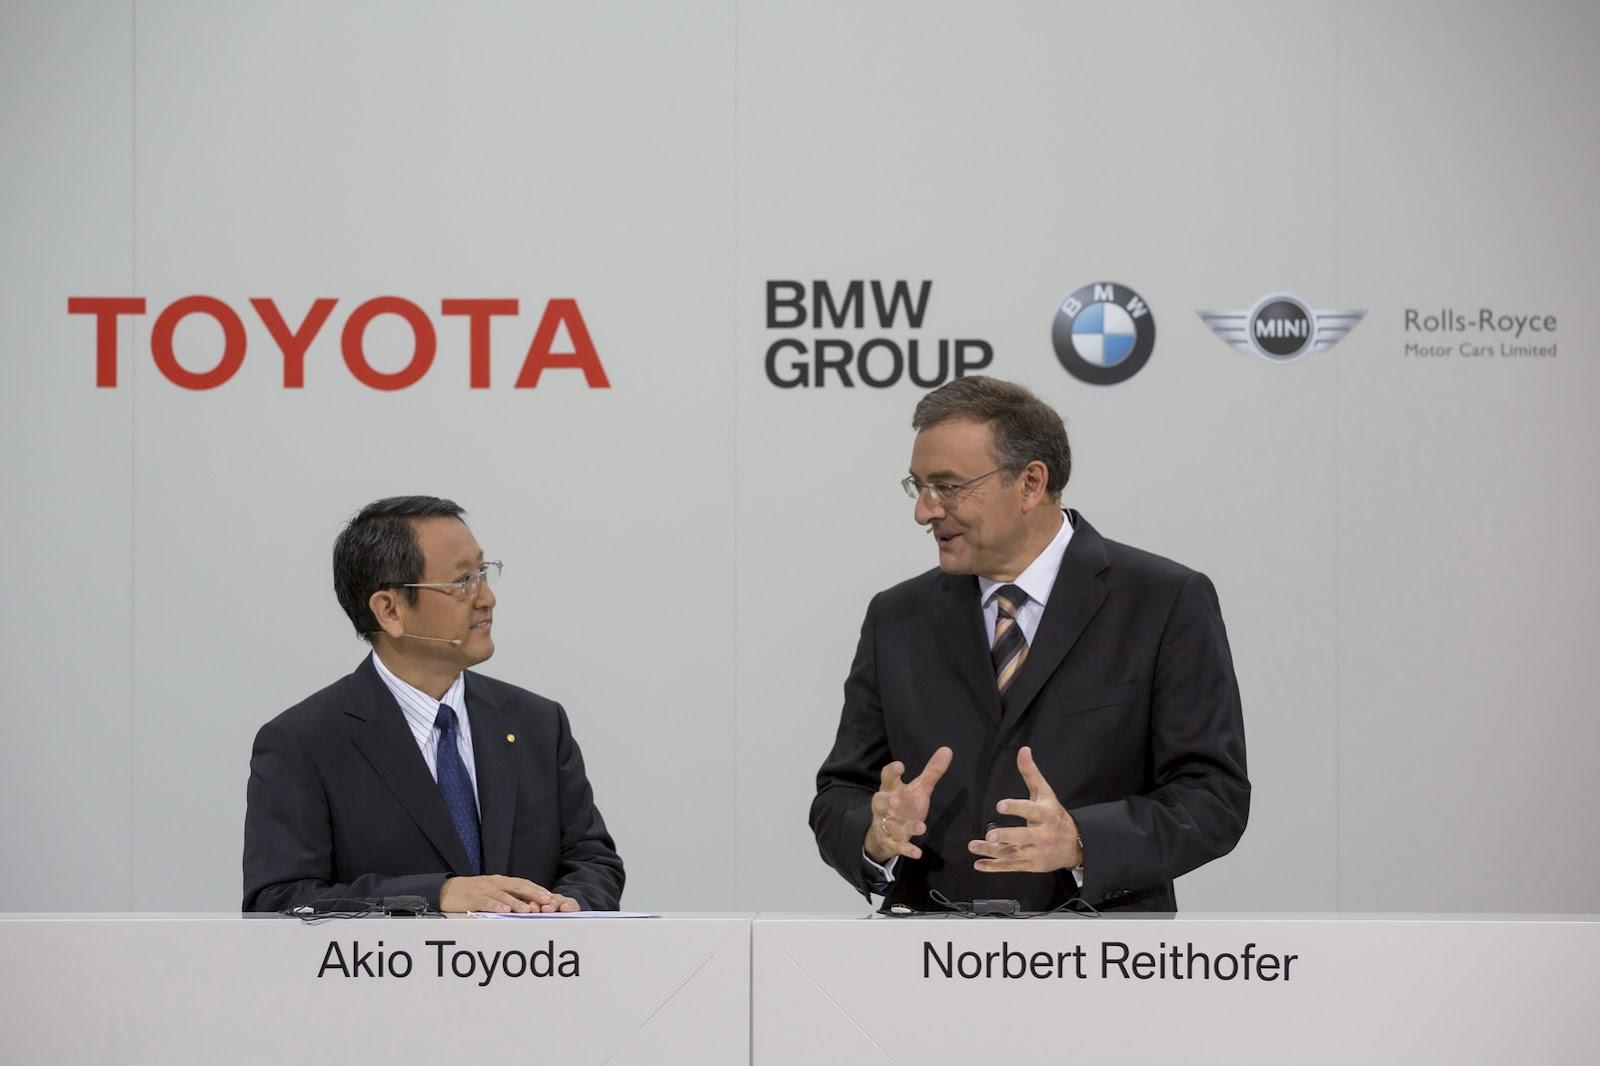 Akio Toyoda & Norbert Reithofer